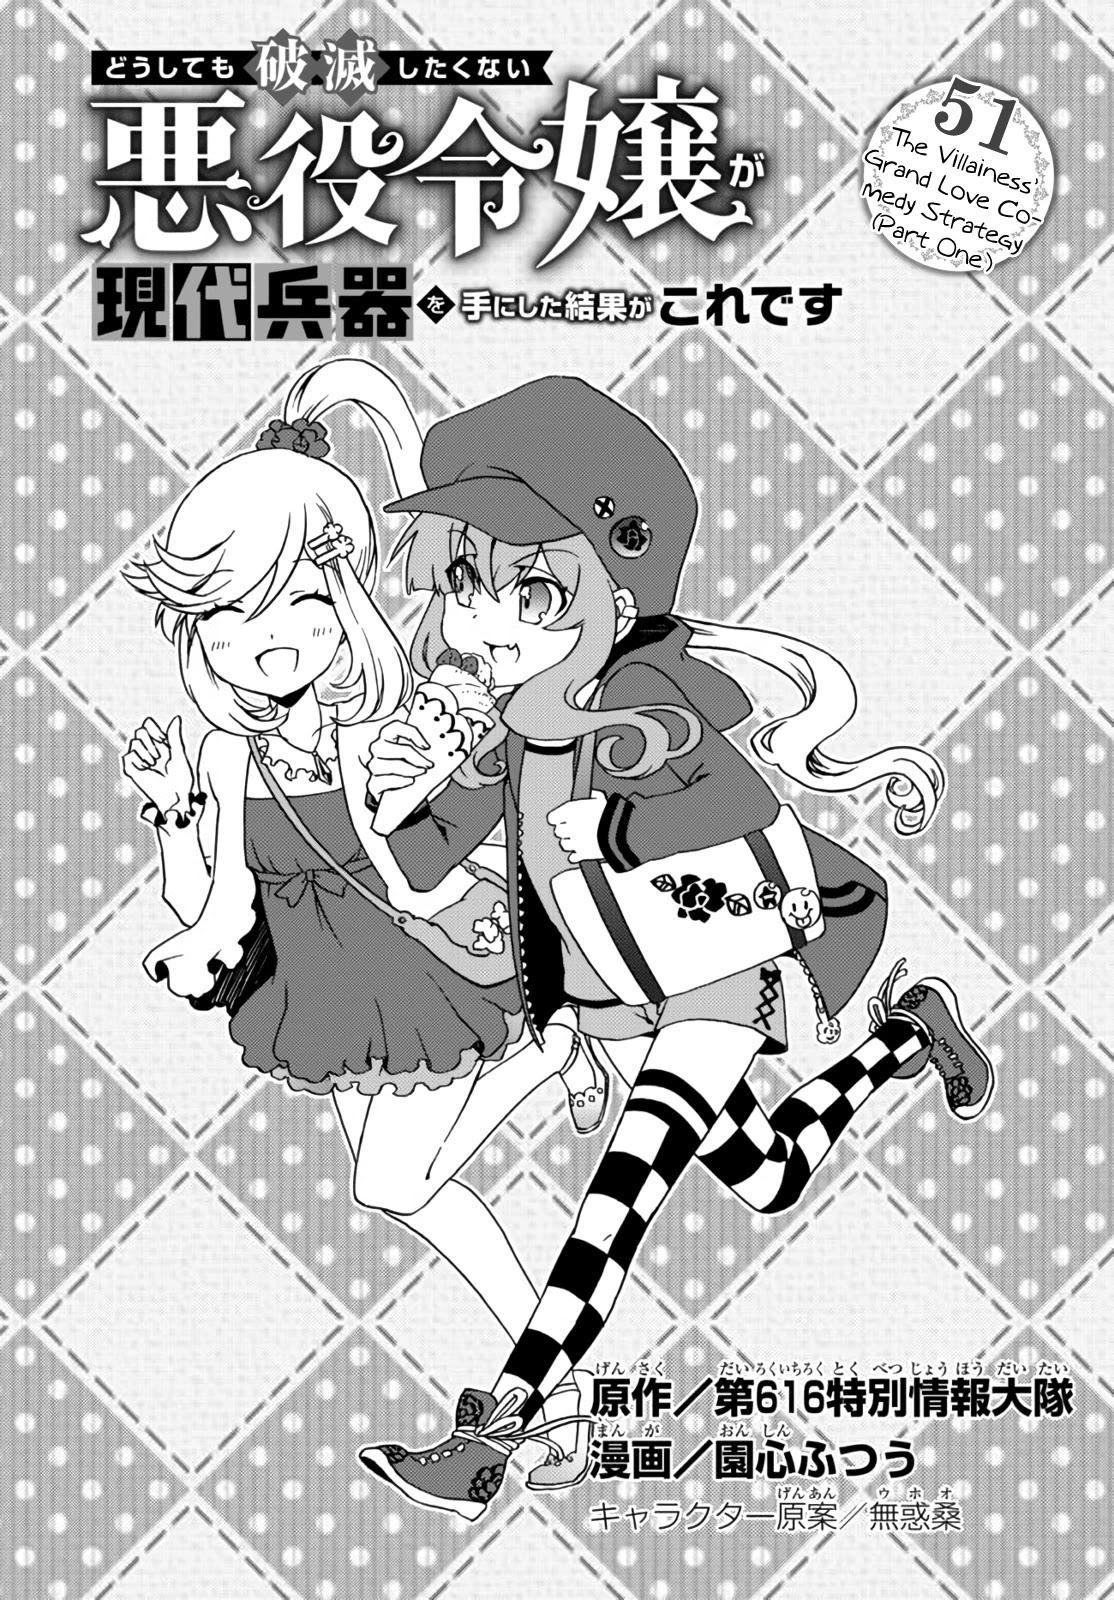 The Villainess Will Crush Her Destruction End Through Modern Firepower Chapter 51 page 1 - Mangakakalots.com